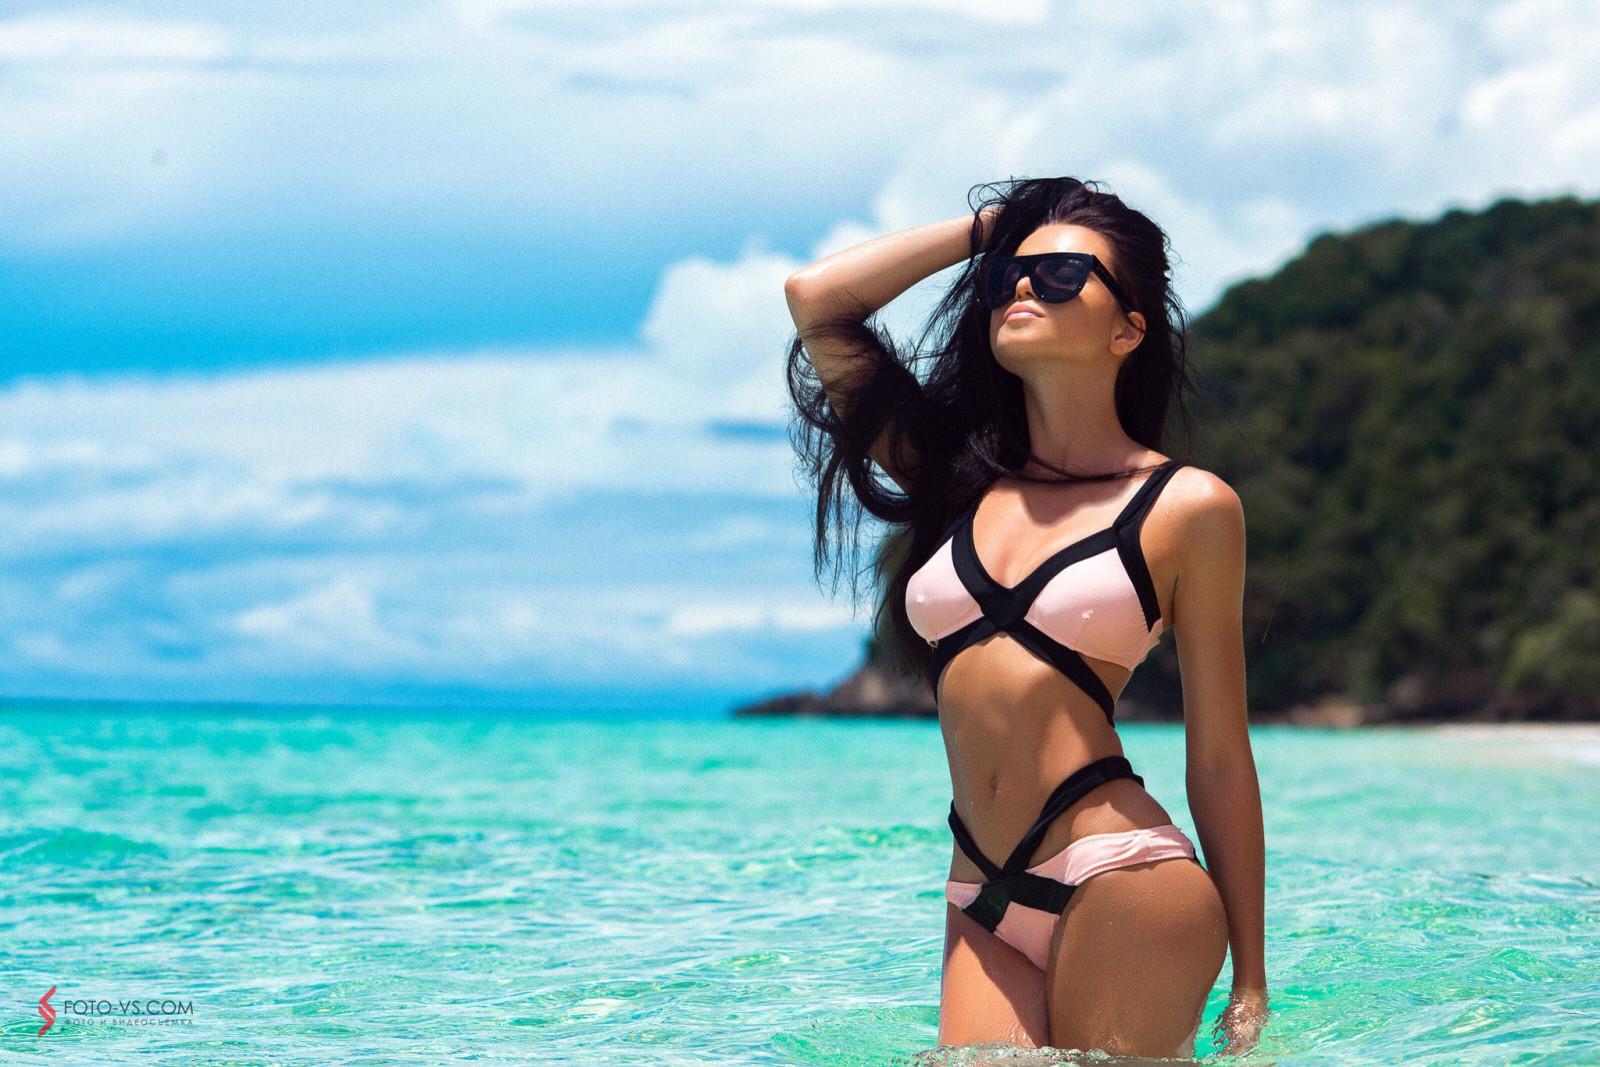 гулливер, красивые девушки фото в очках солнечных топлесс анна, все